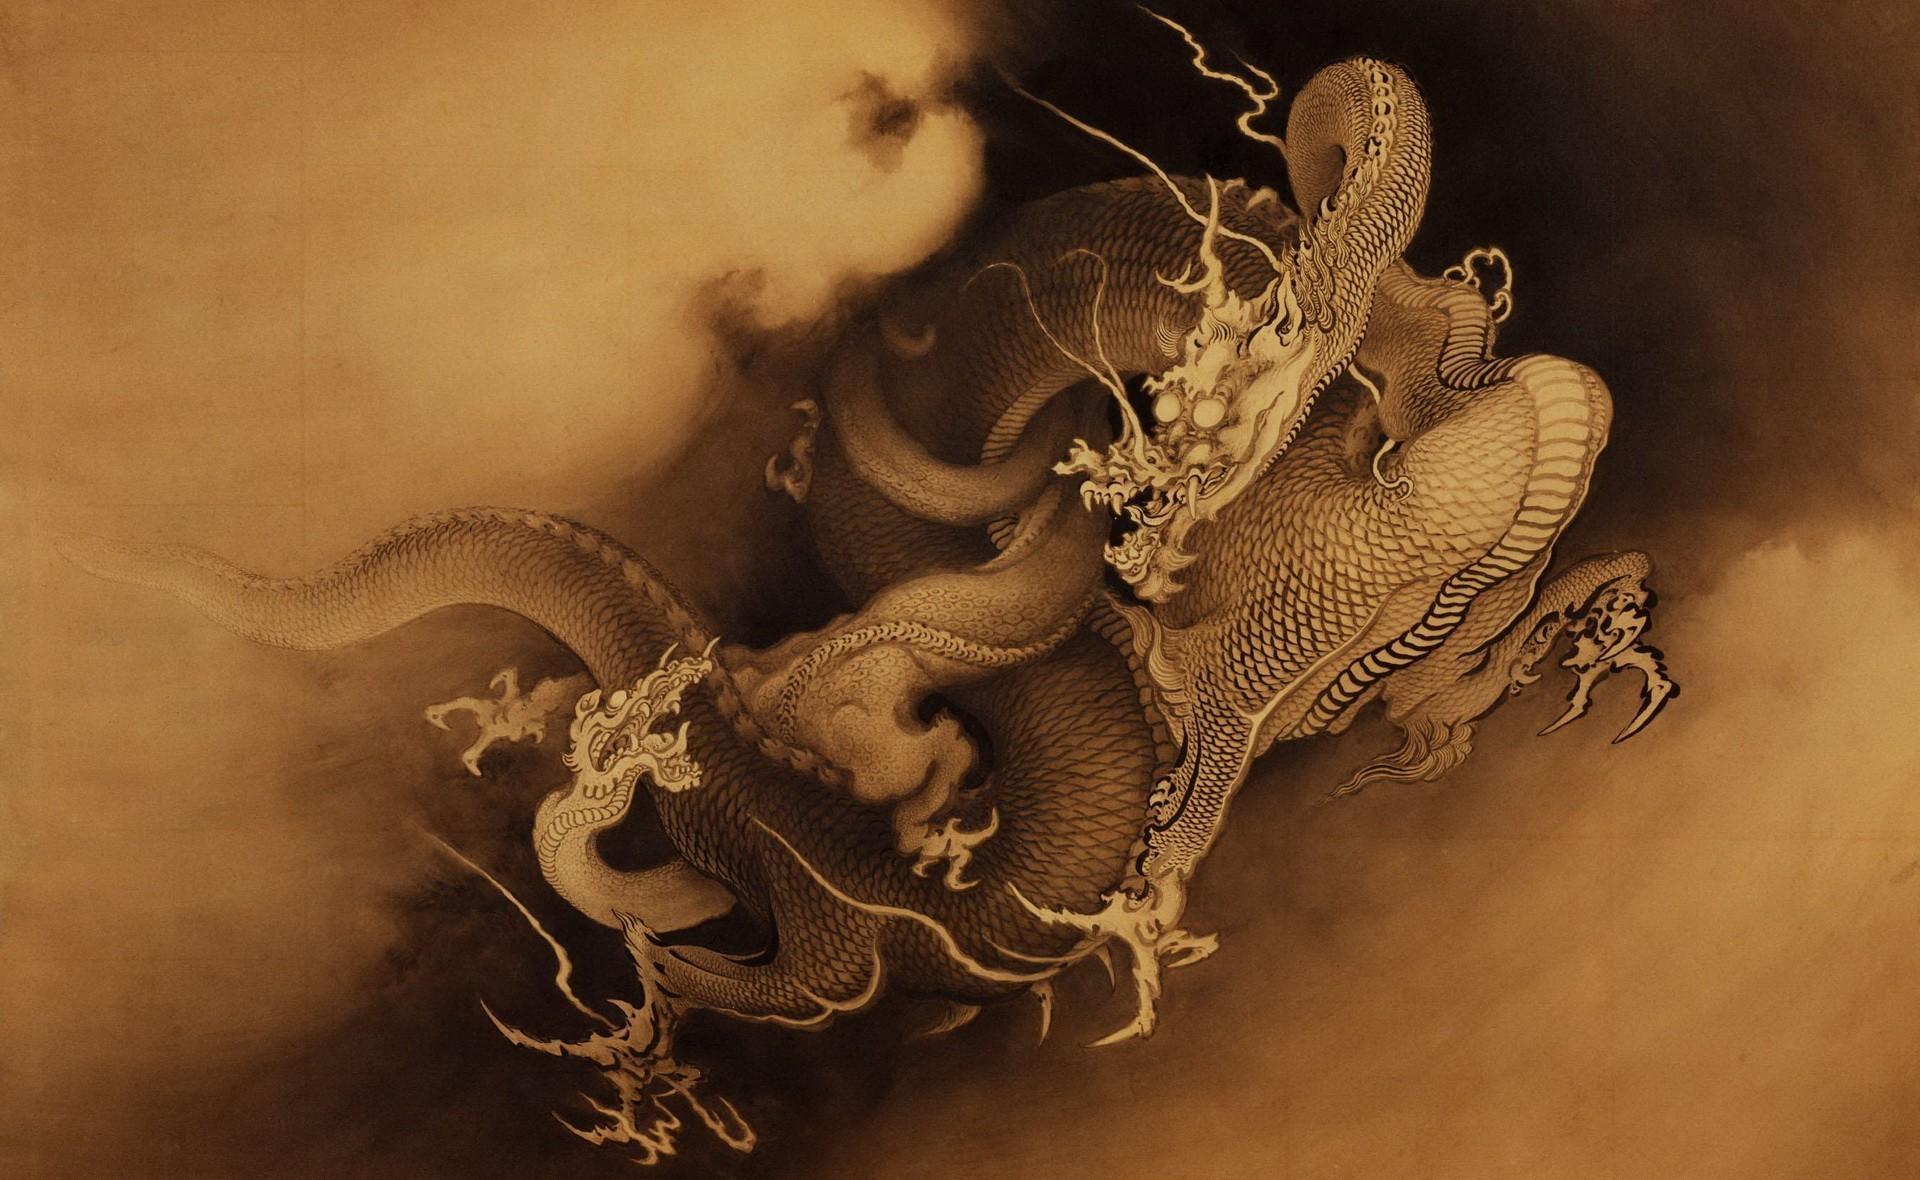 95143 Hintergrundbild herunterladen Fantasie, Dragons, Fangzähne, Zähne, Plexus, Schlacht - Bildschirmschoner und Bilder kostenlos